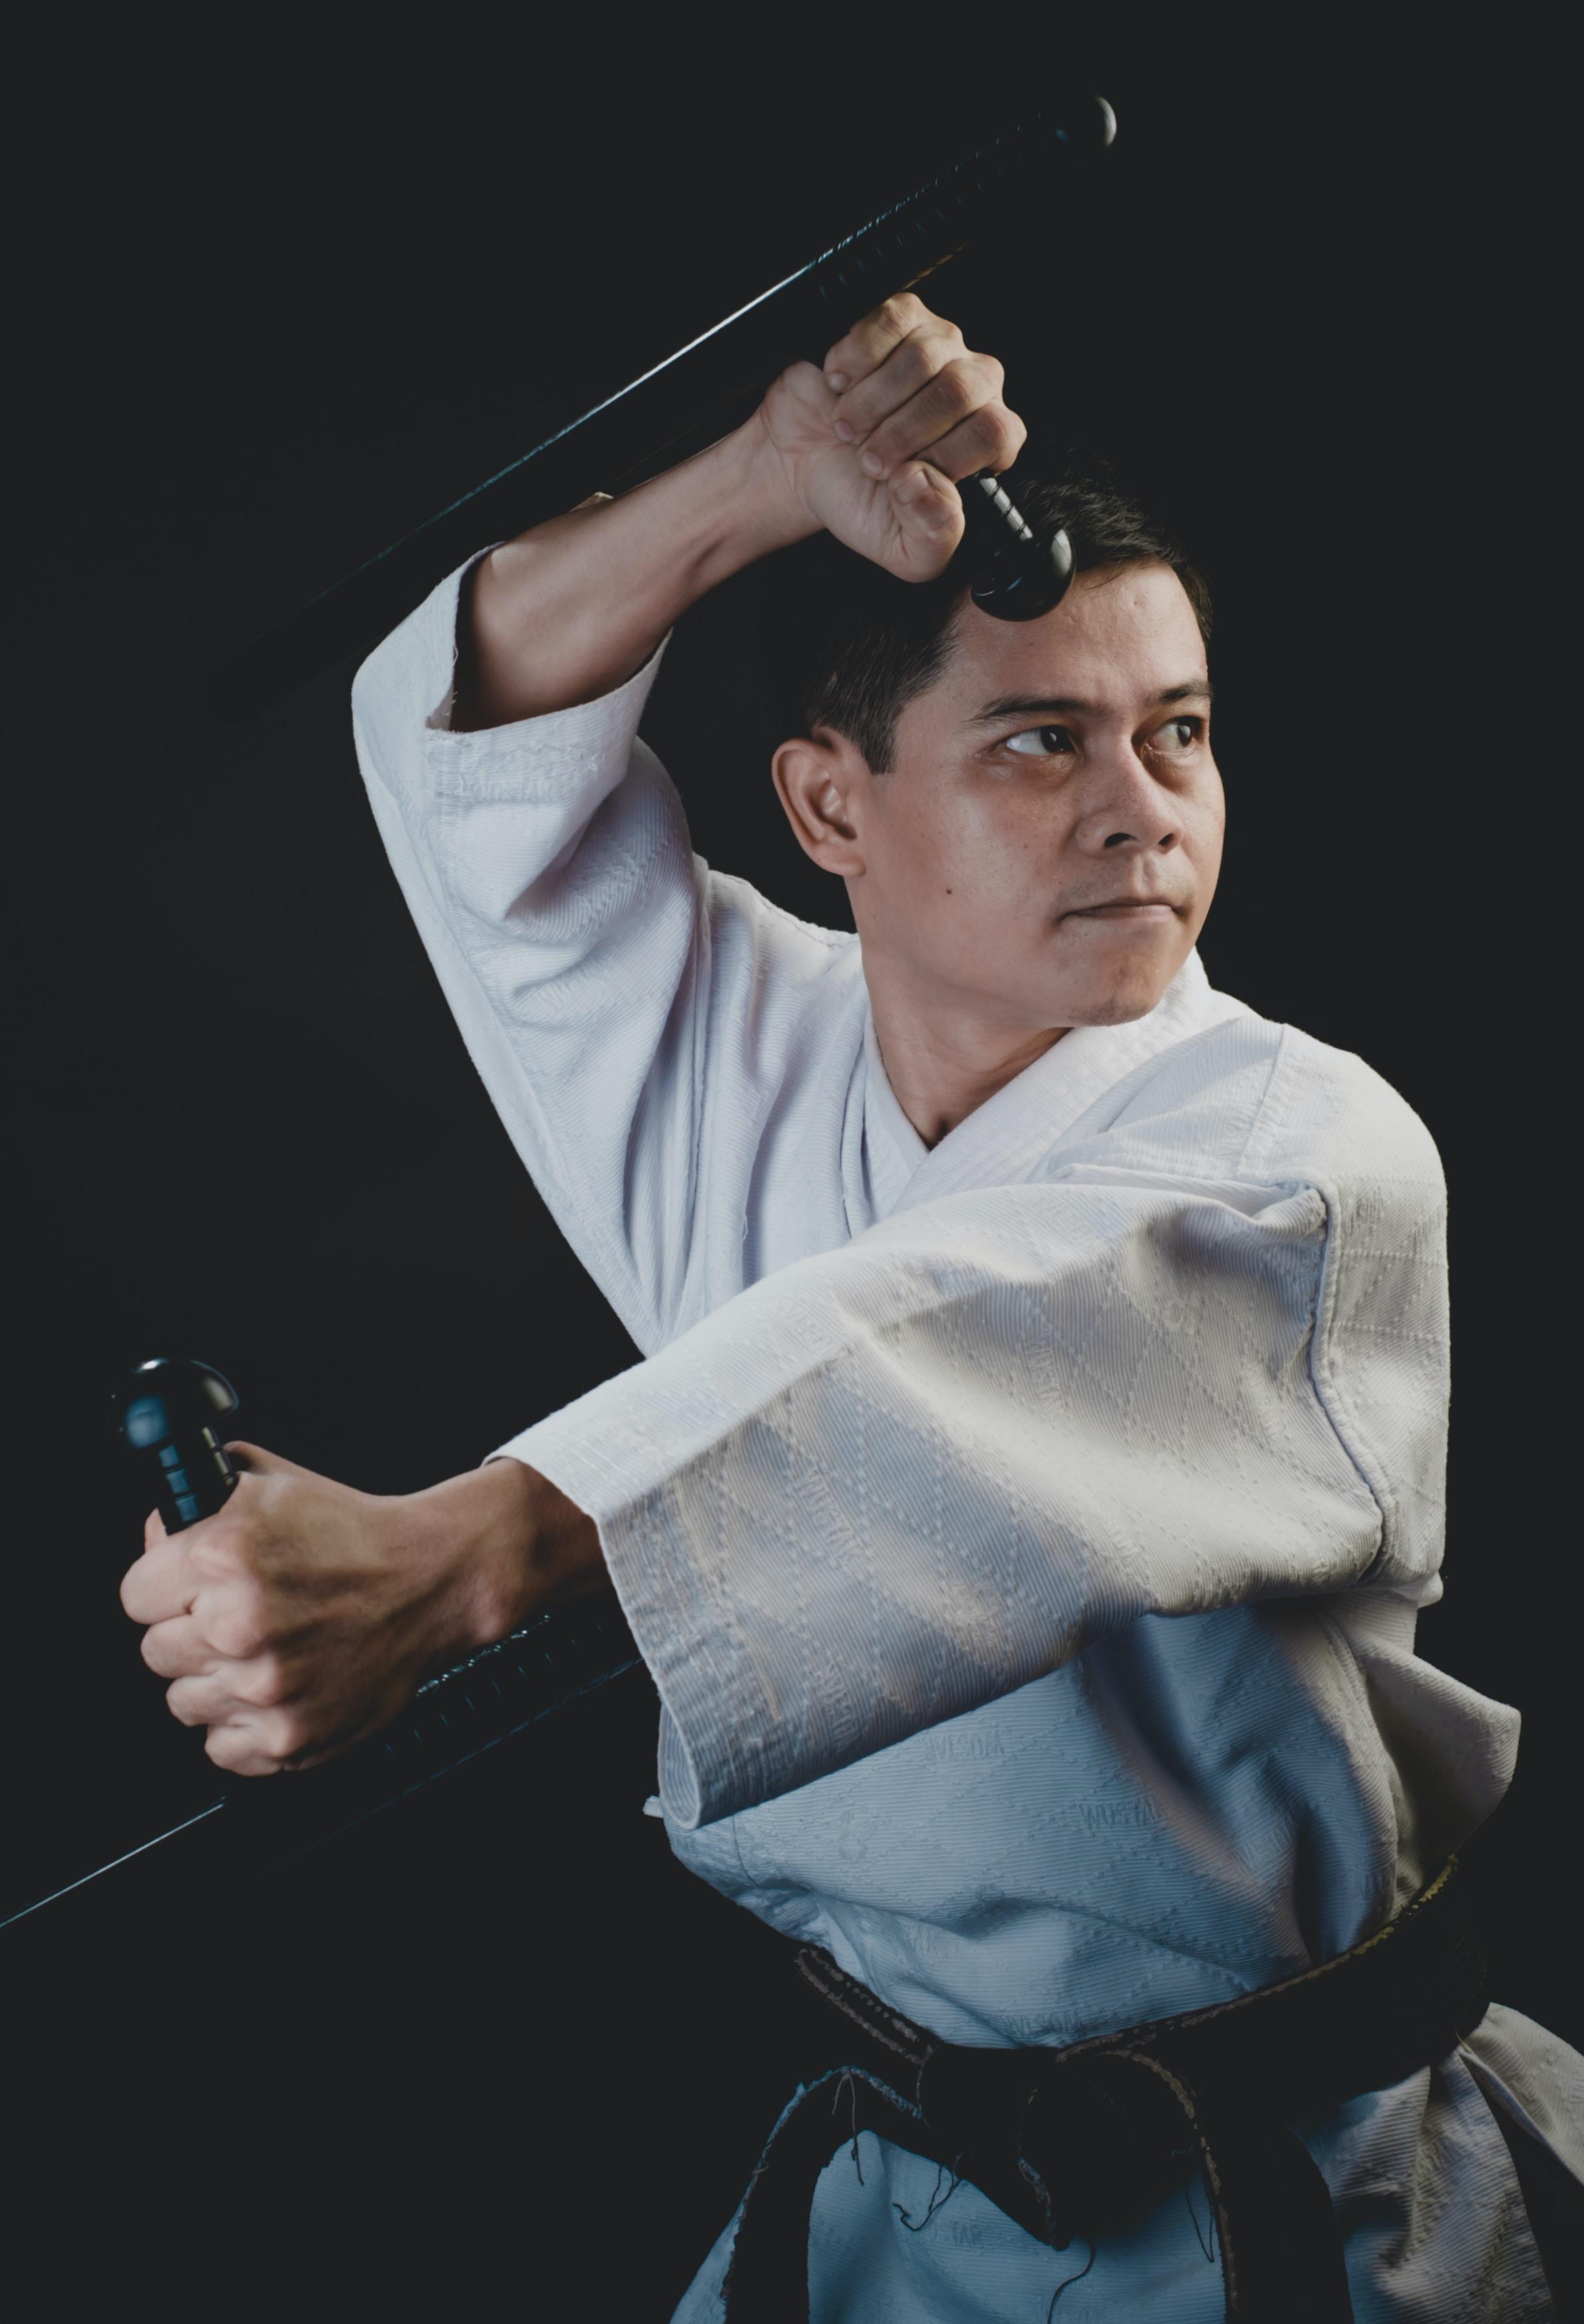 man wearing taekwondo suit